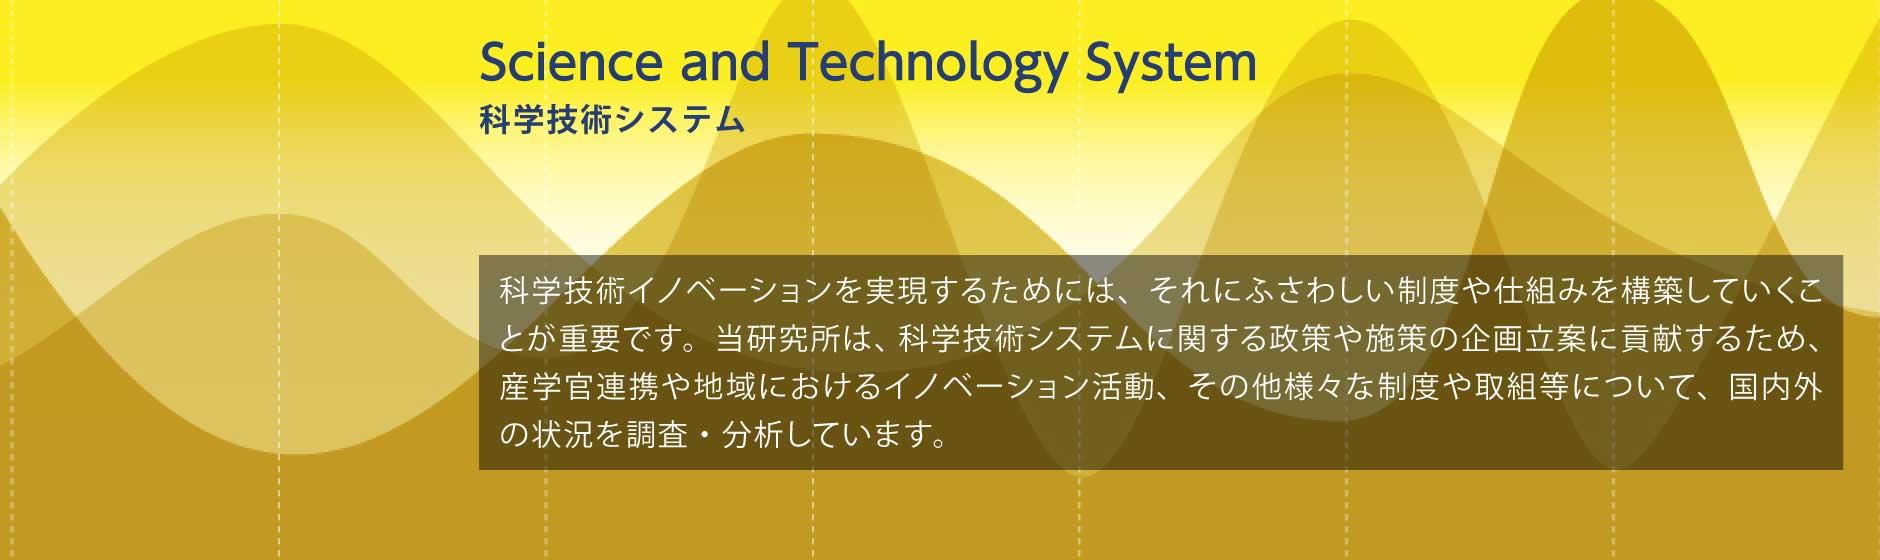 科学技術システム